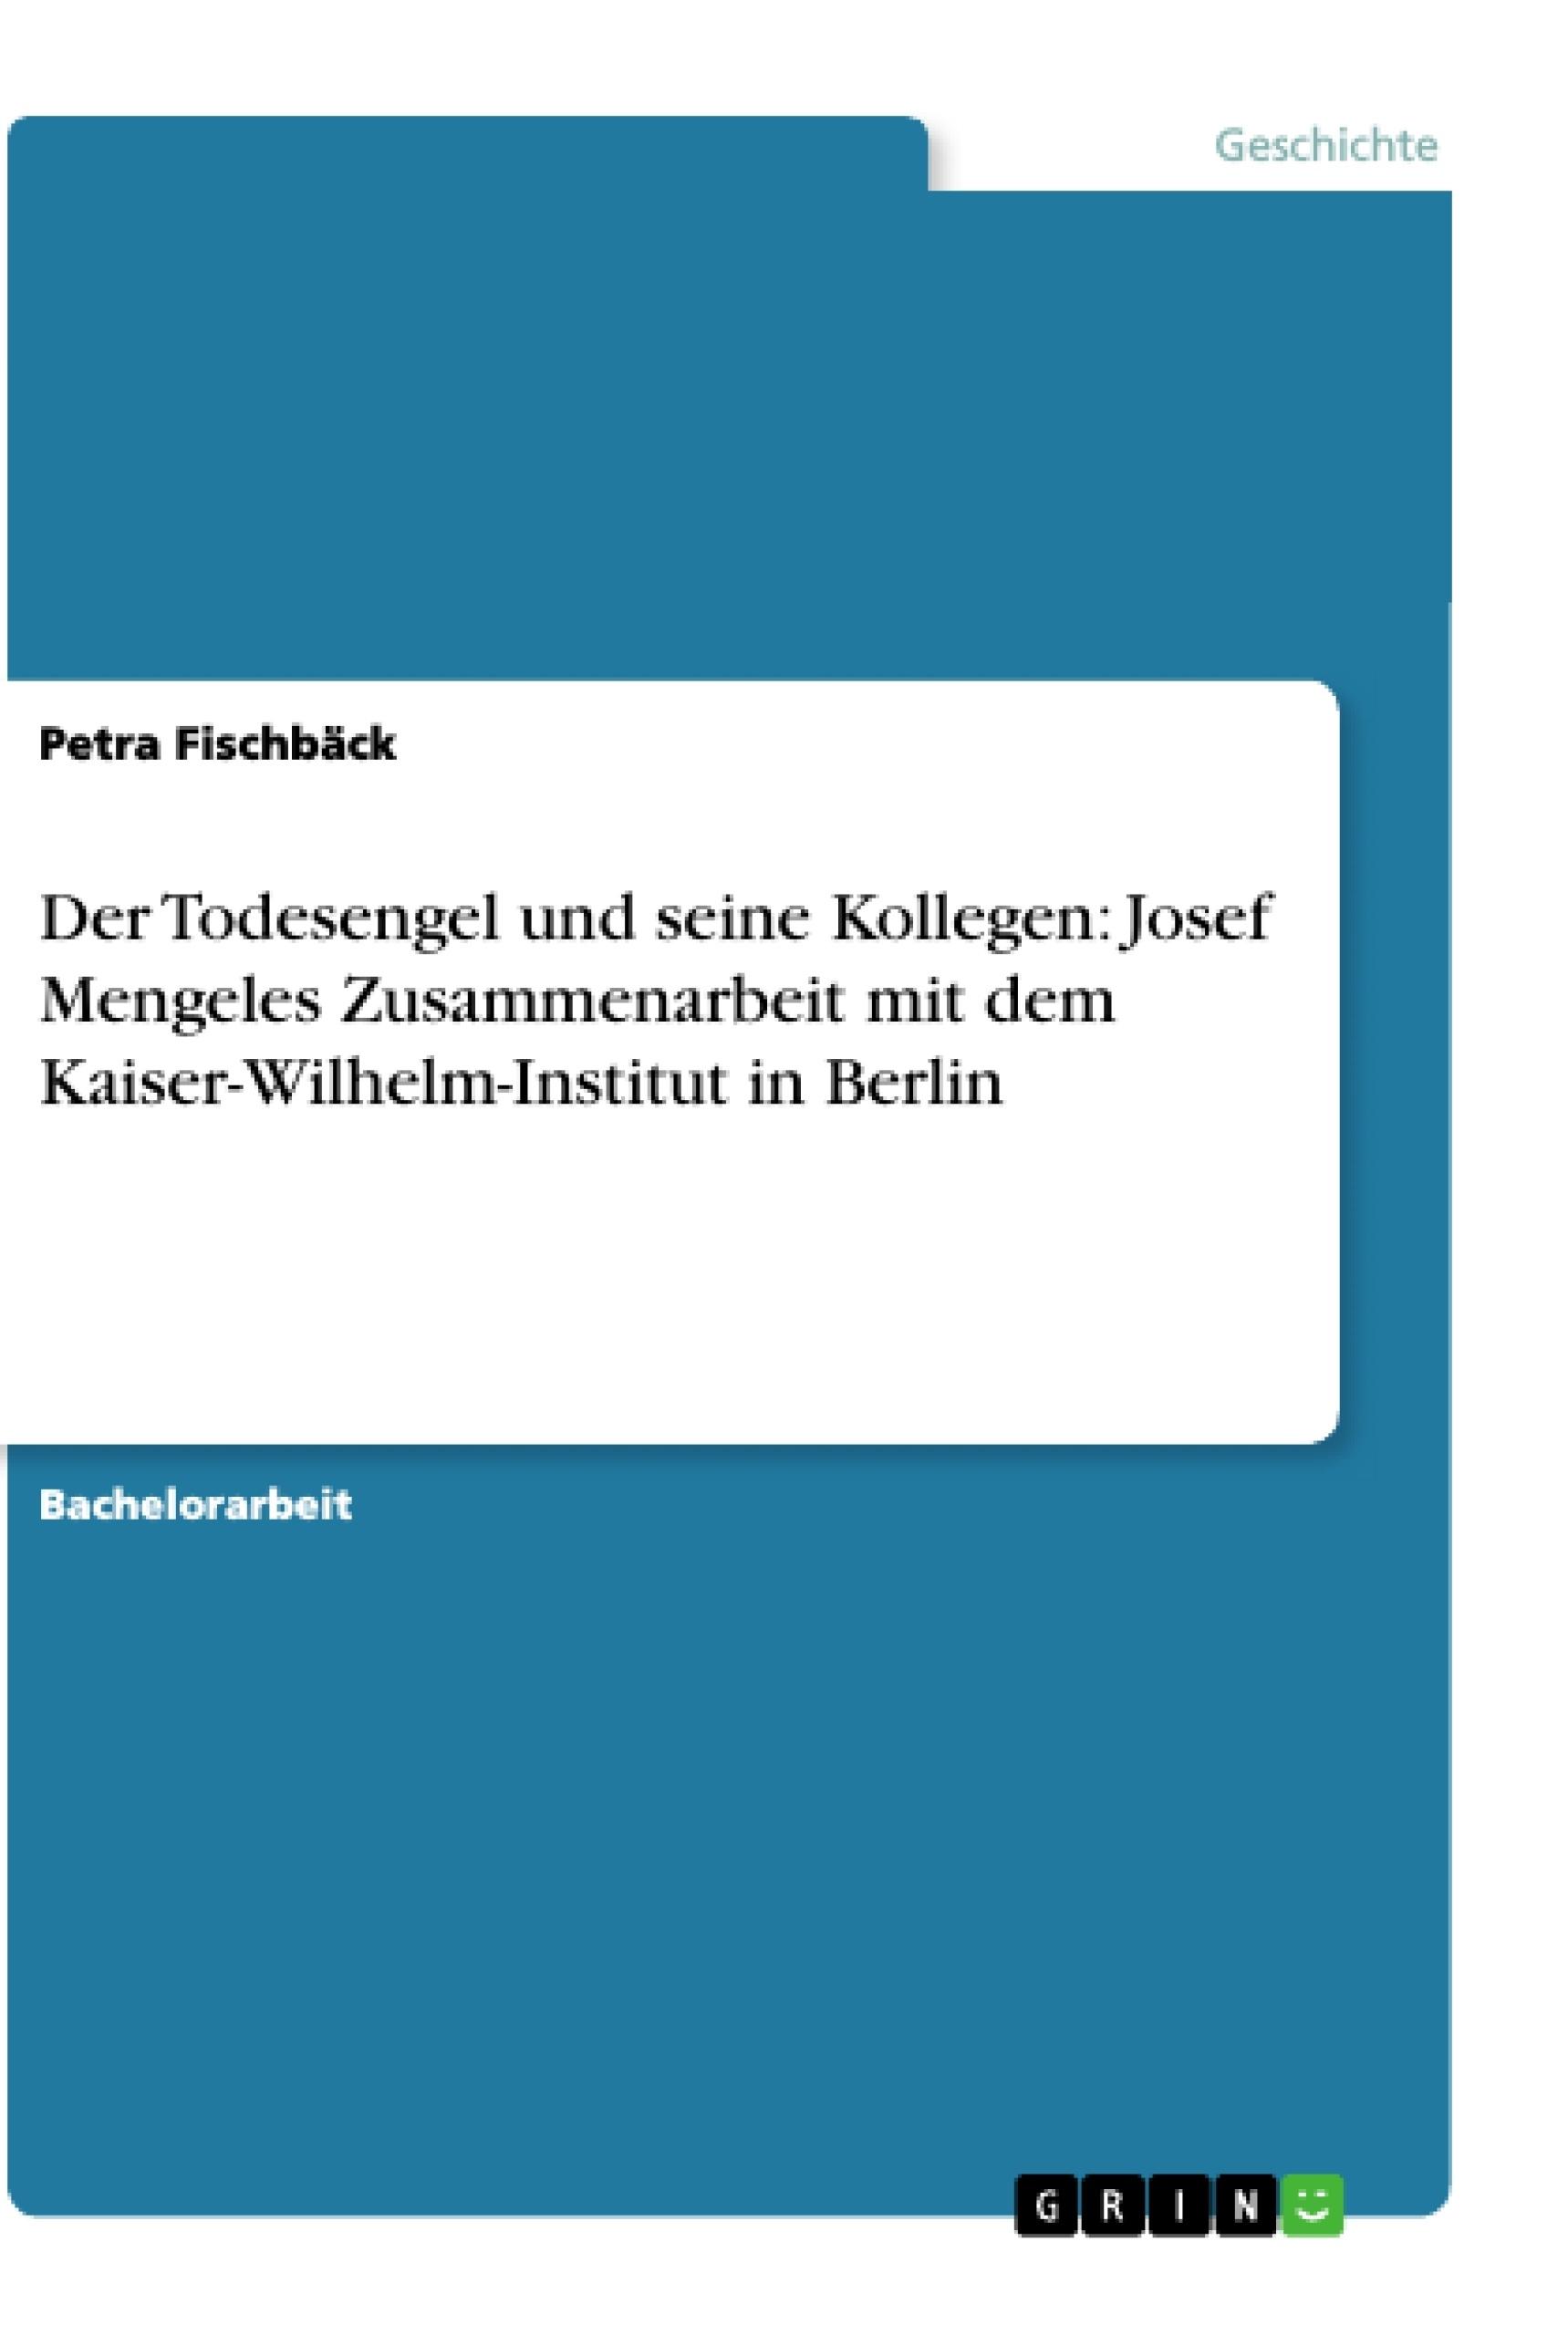 Titel: Der Todesengel und seine Kollegen: Josef Mengeles Zusammenarbeit mit dem Kaiser-Wilhelm-Institut in Berlin